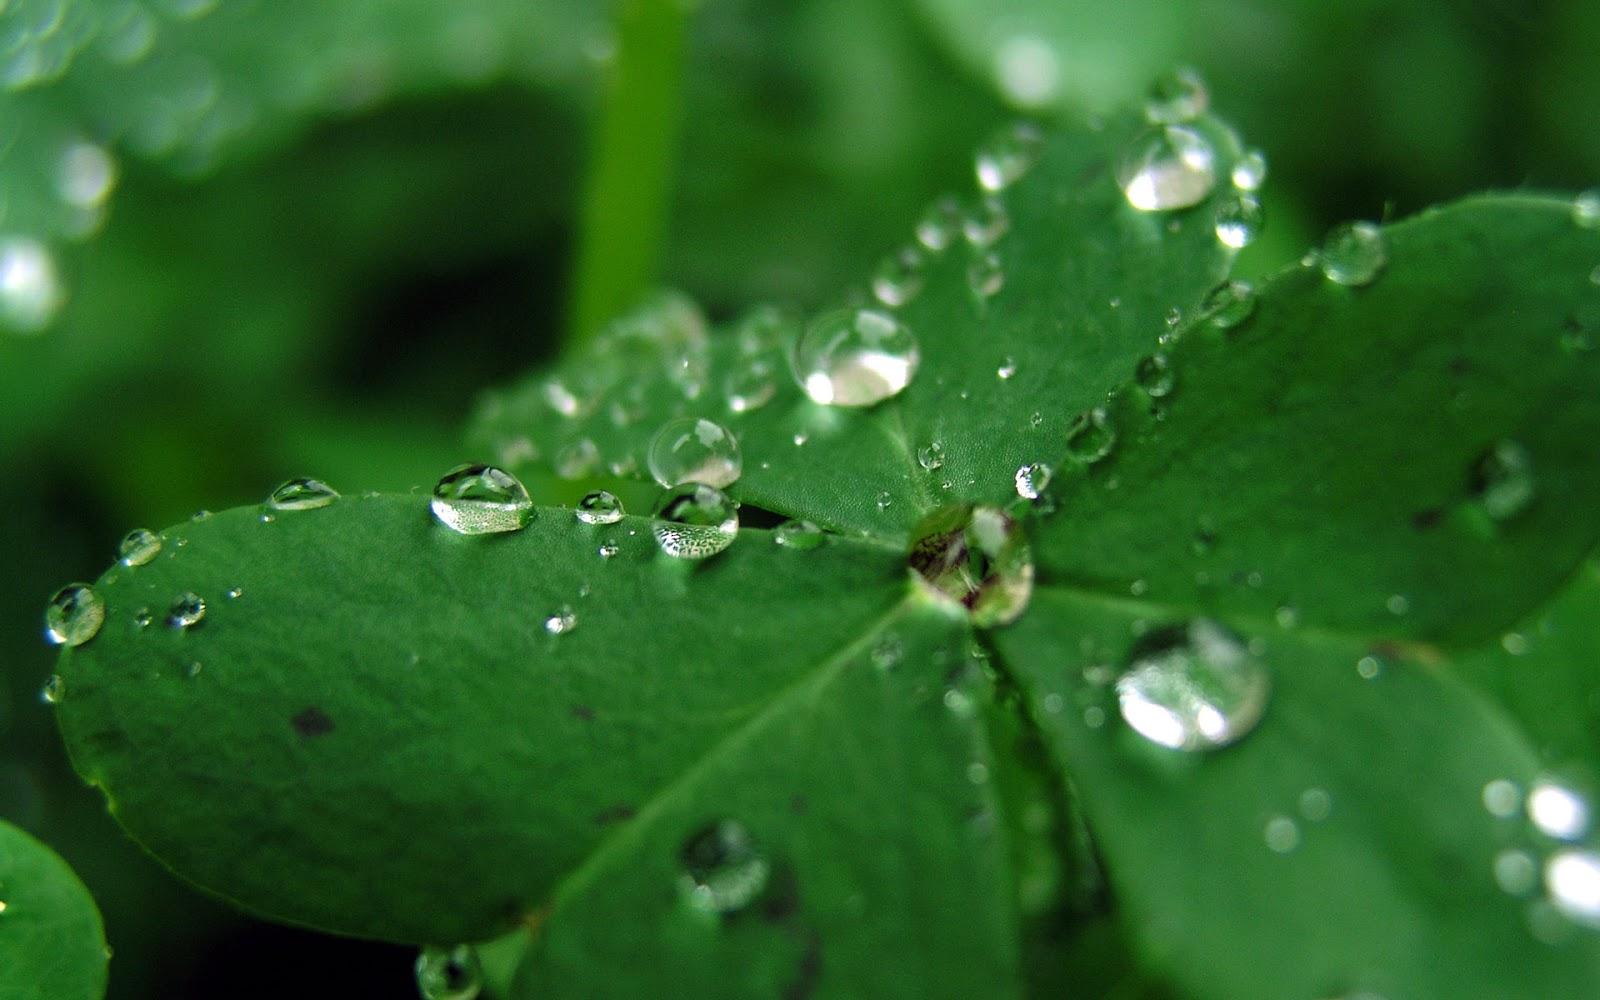 green clover wallpaper - photo #18